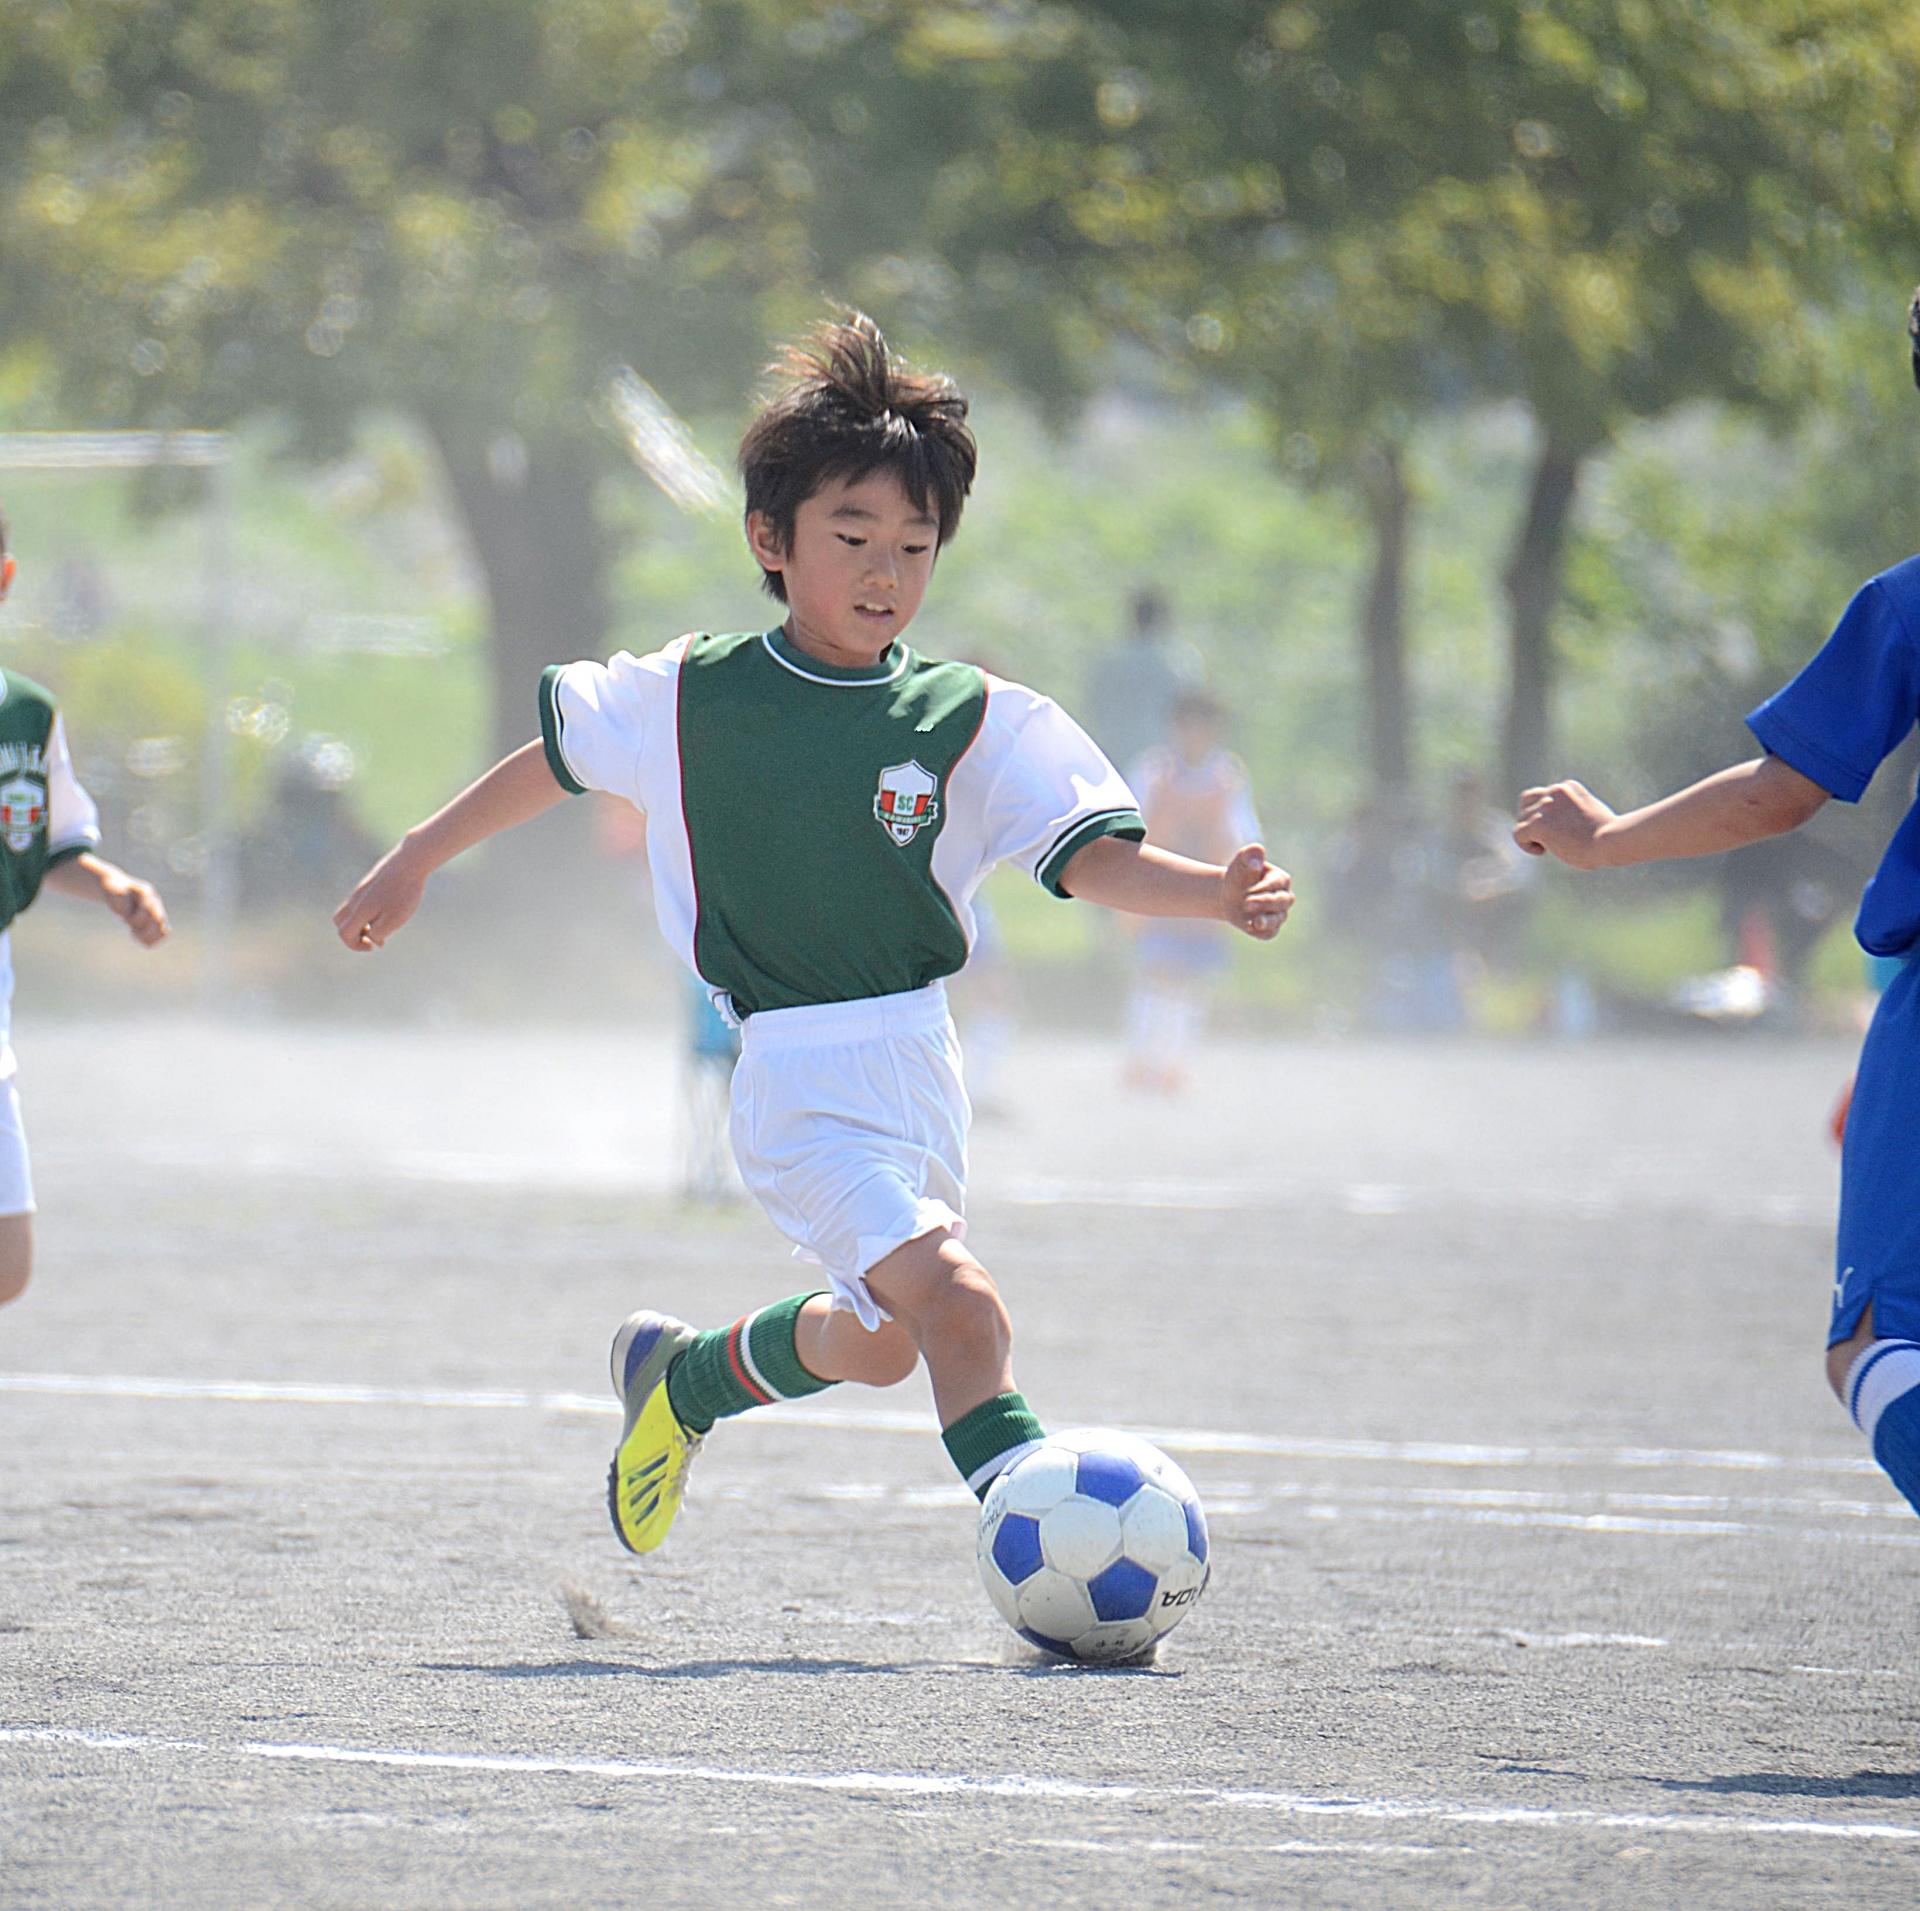 子供がスポーツが上手になるために大切な時期・年齢とは『ゴールデンエイジ』